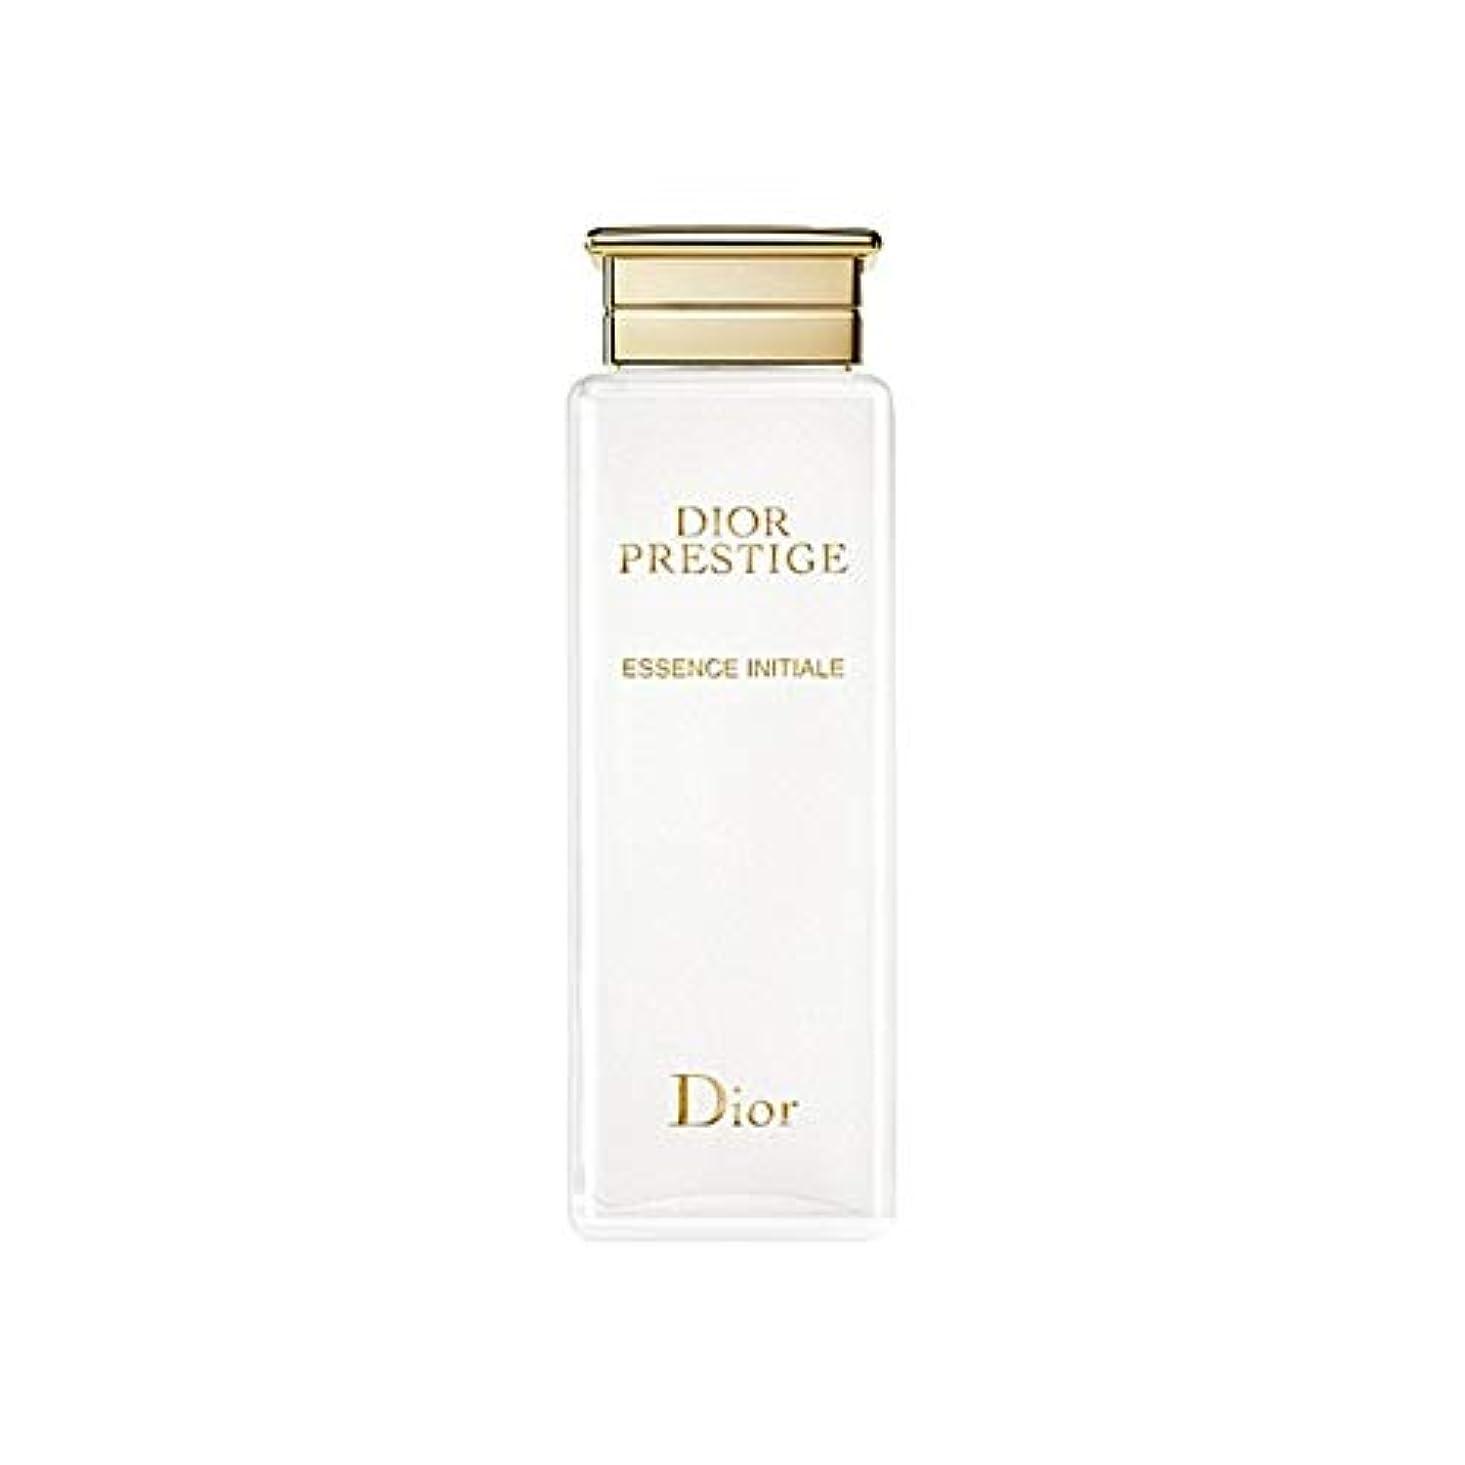 金銭的な天のなんとなく[Dior] 血清200ミリリットルイニシャルディオールプレステージエッセンス - Dior Prestige Essence Initiale Serum 200ml [並行輸入品]